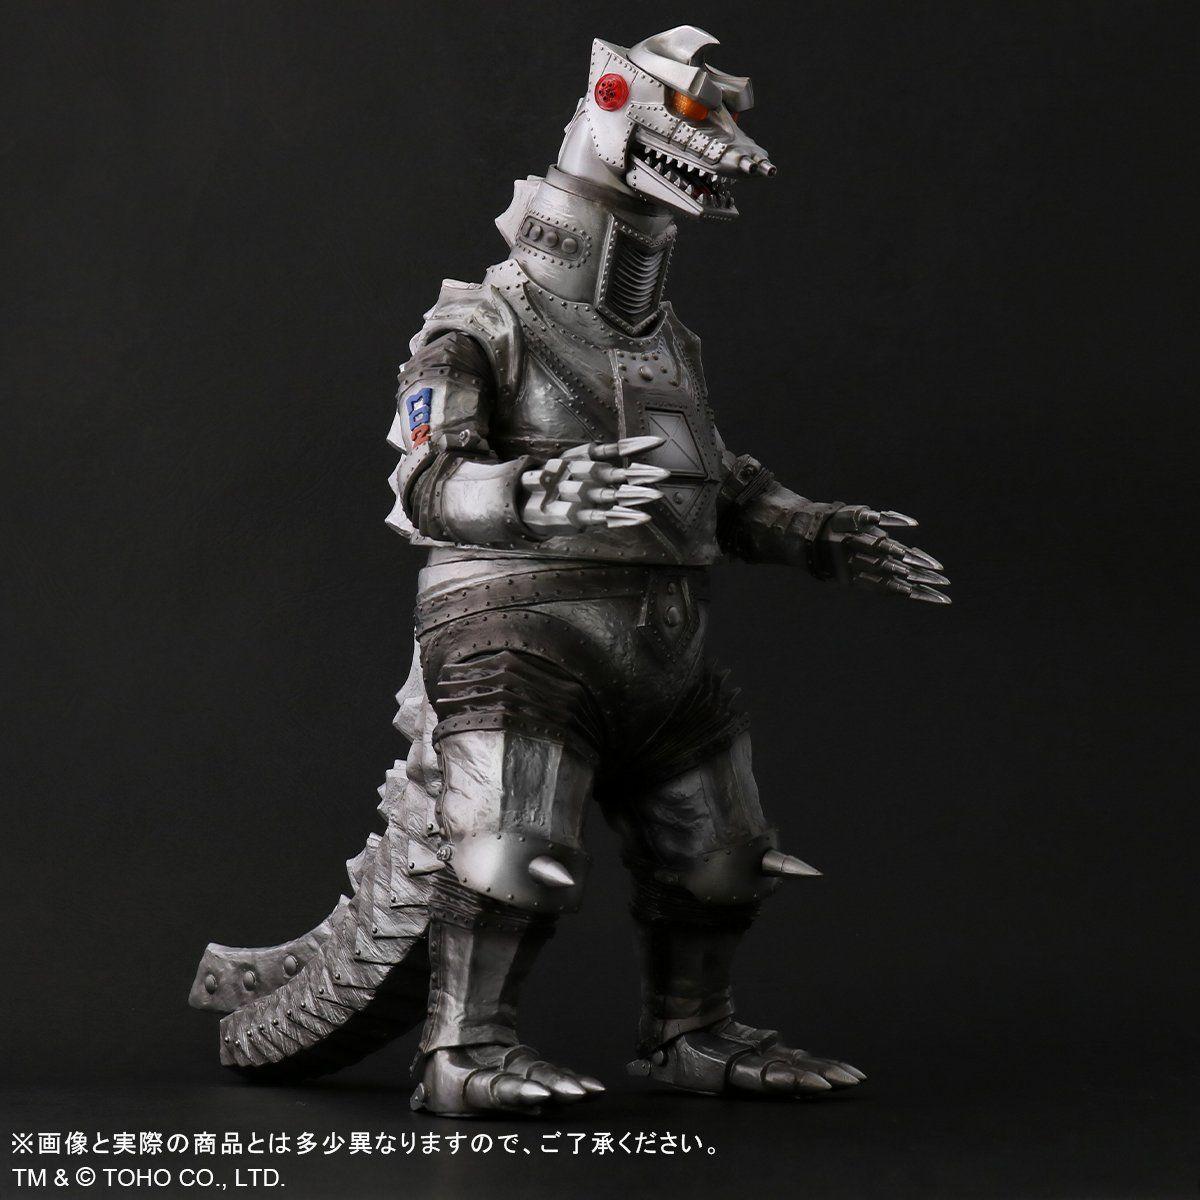 東宝30cmシリーズ『メカゴジラ(1975)スペースビームVer.』メカゴジラの逆襲 完成品フィギュア-003